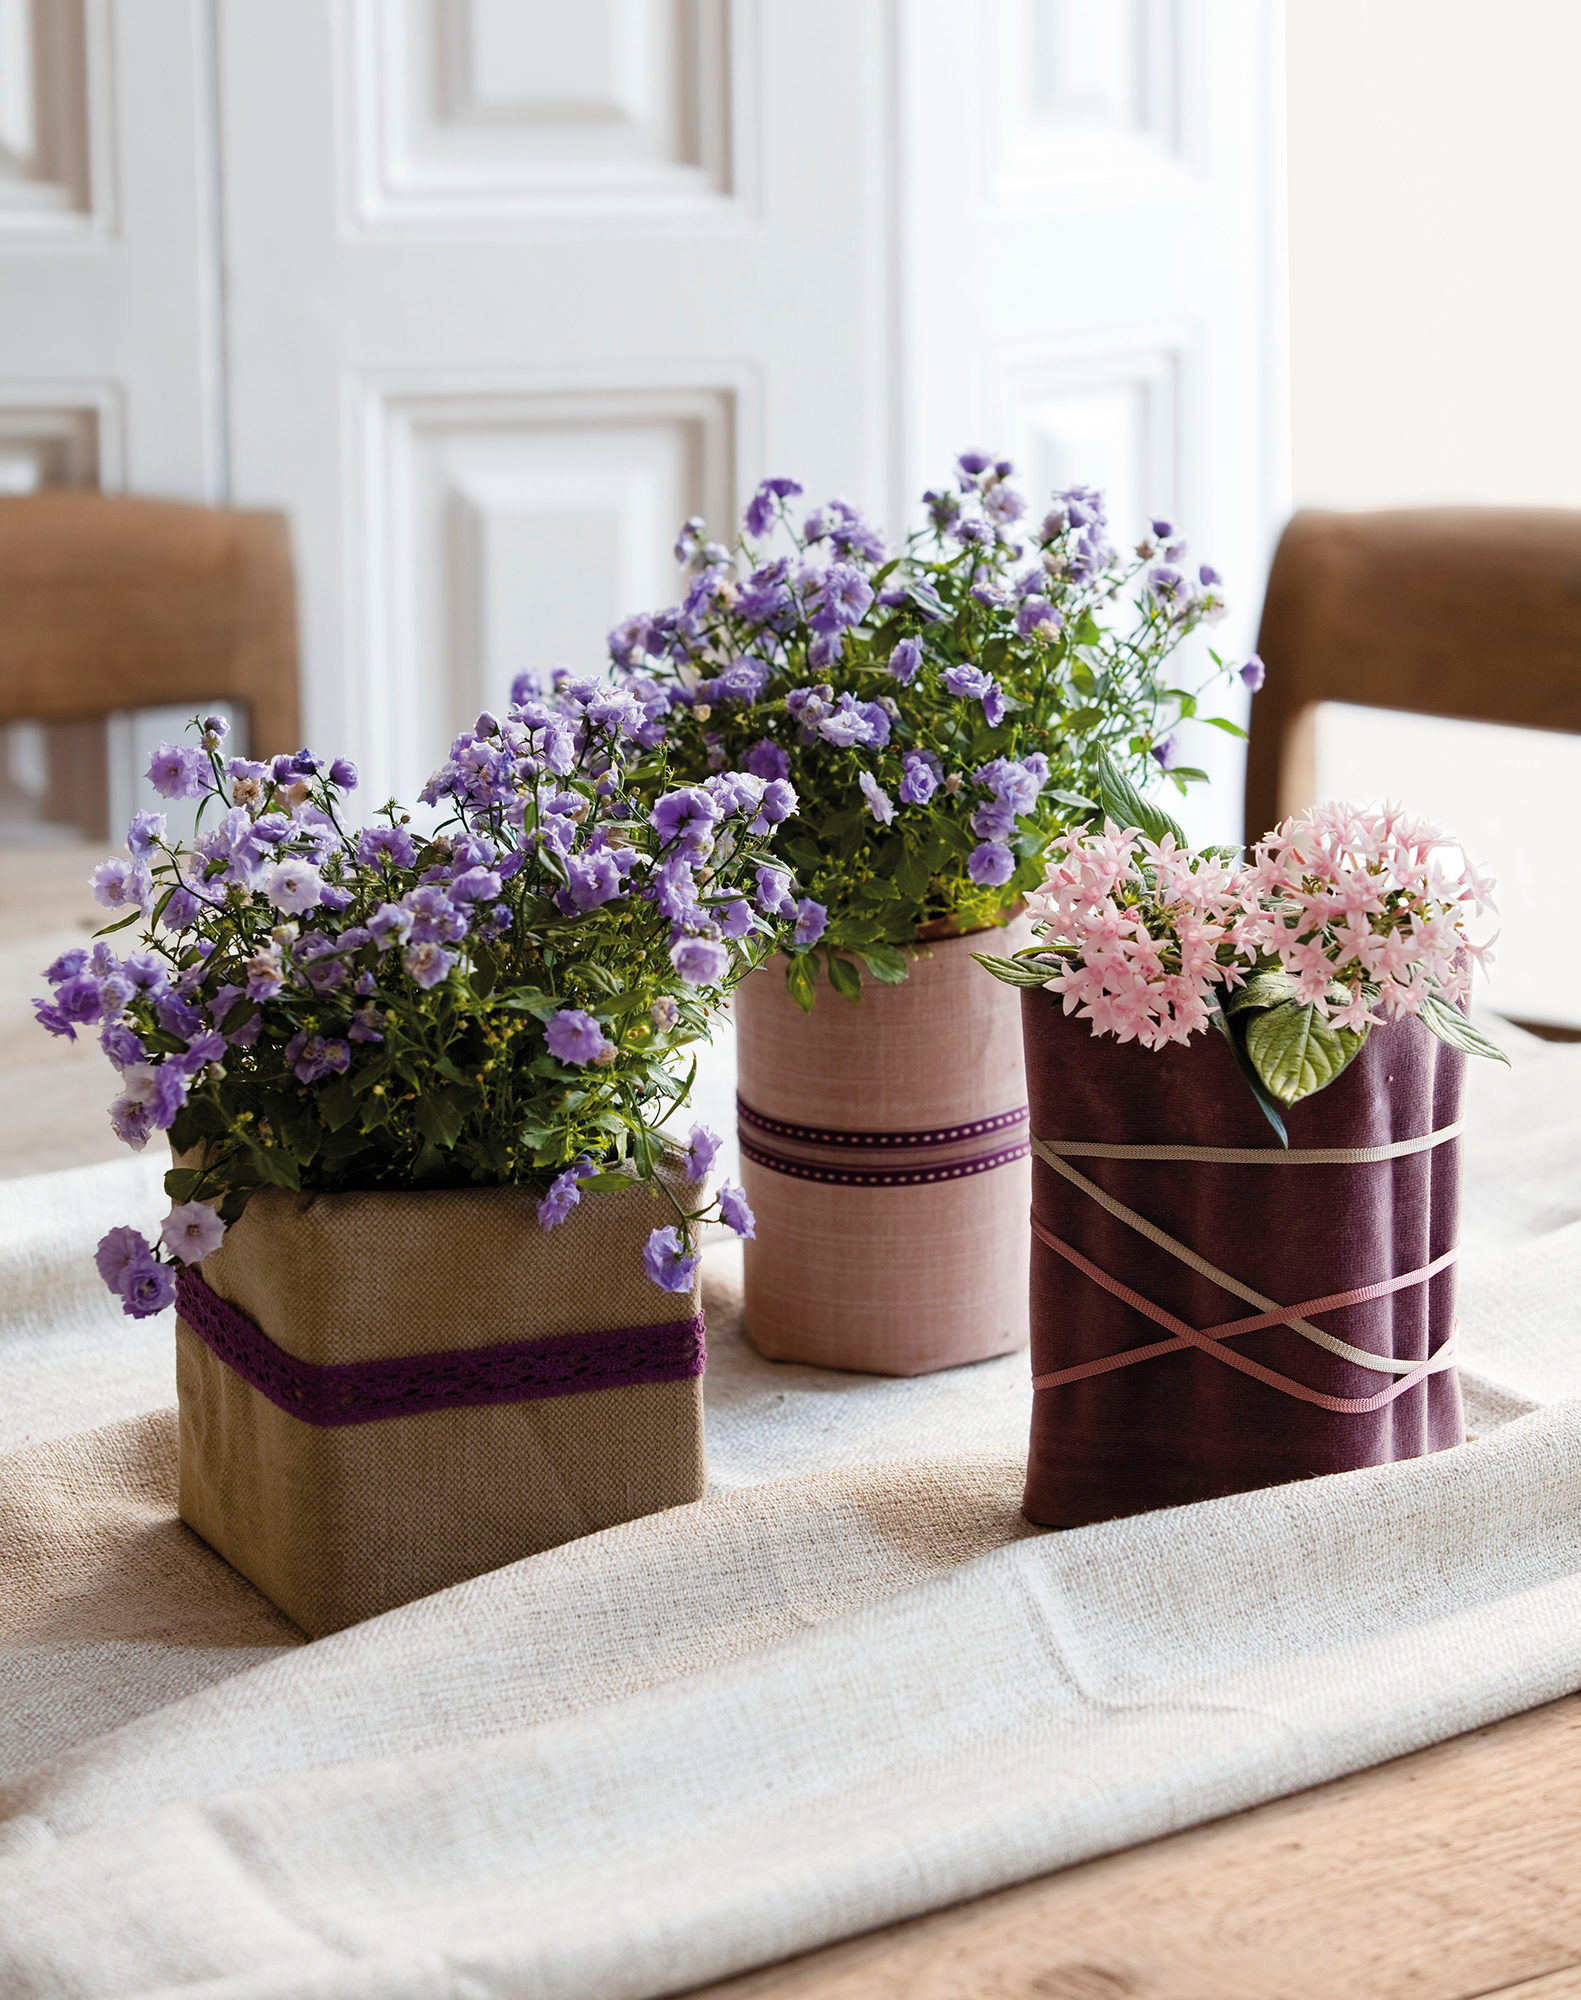 Jarrones decorativos de el mueble for Decoracion de jardines con jarrones de barro